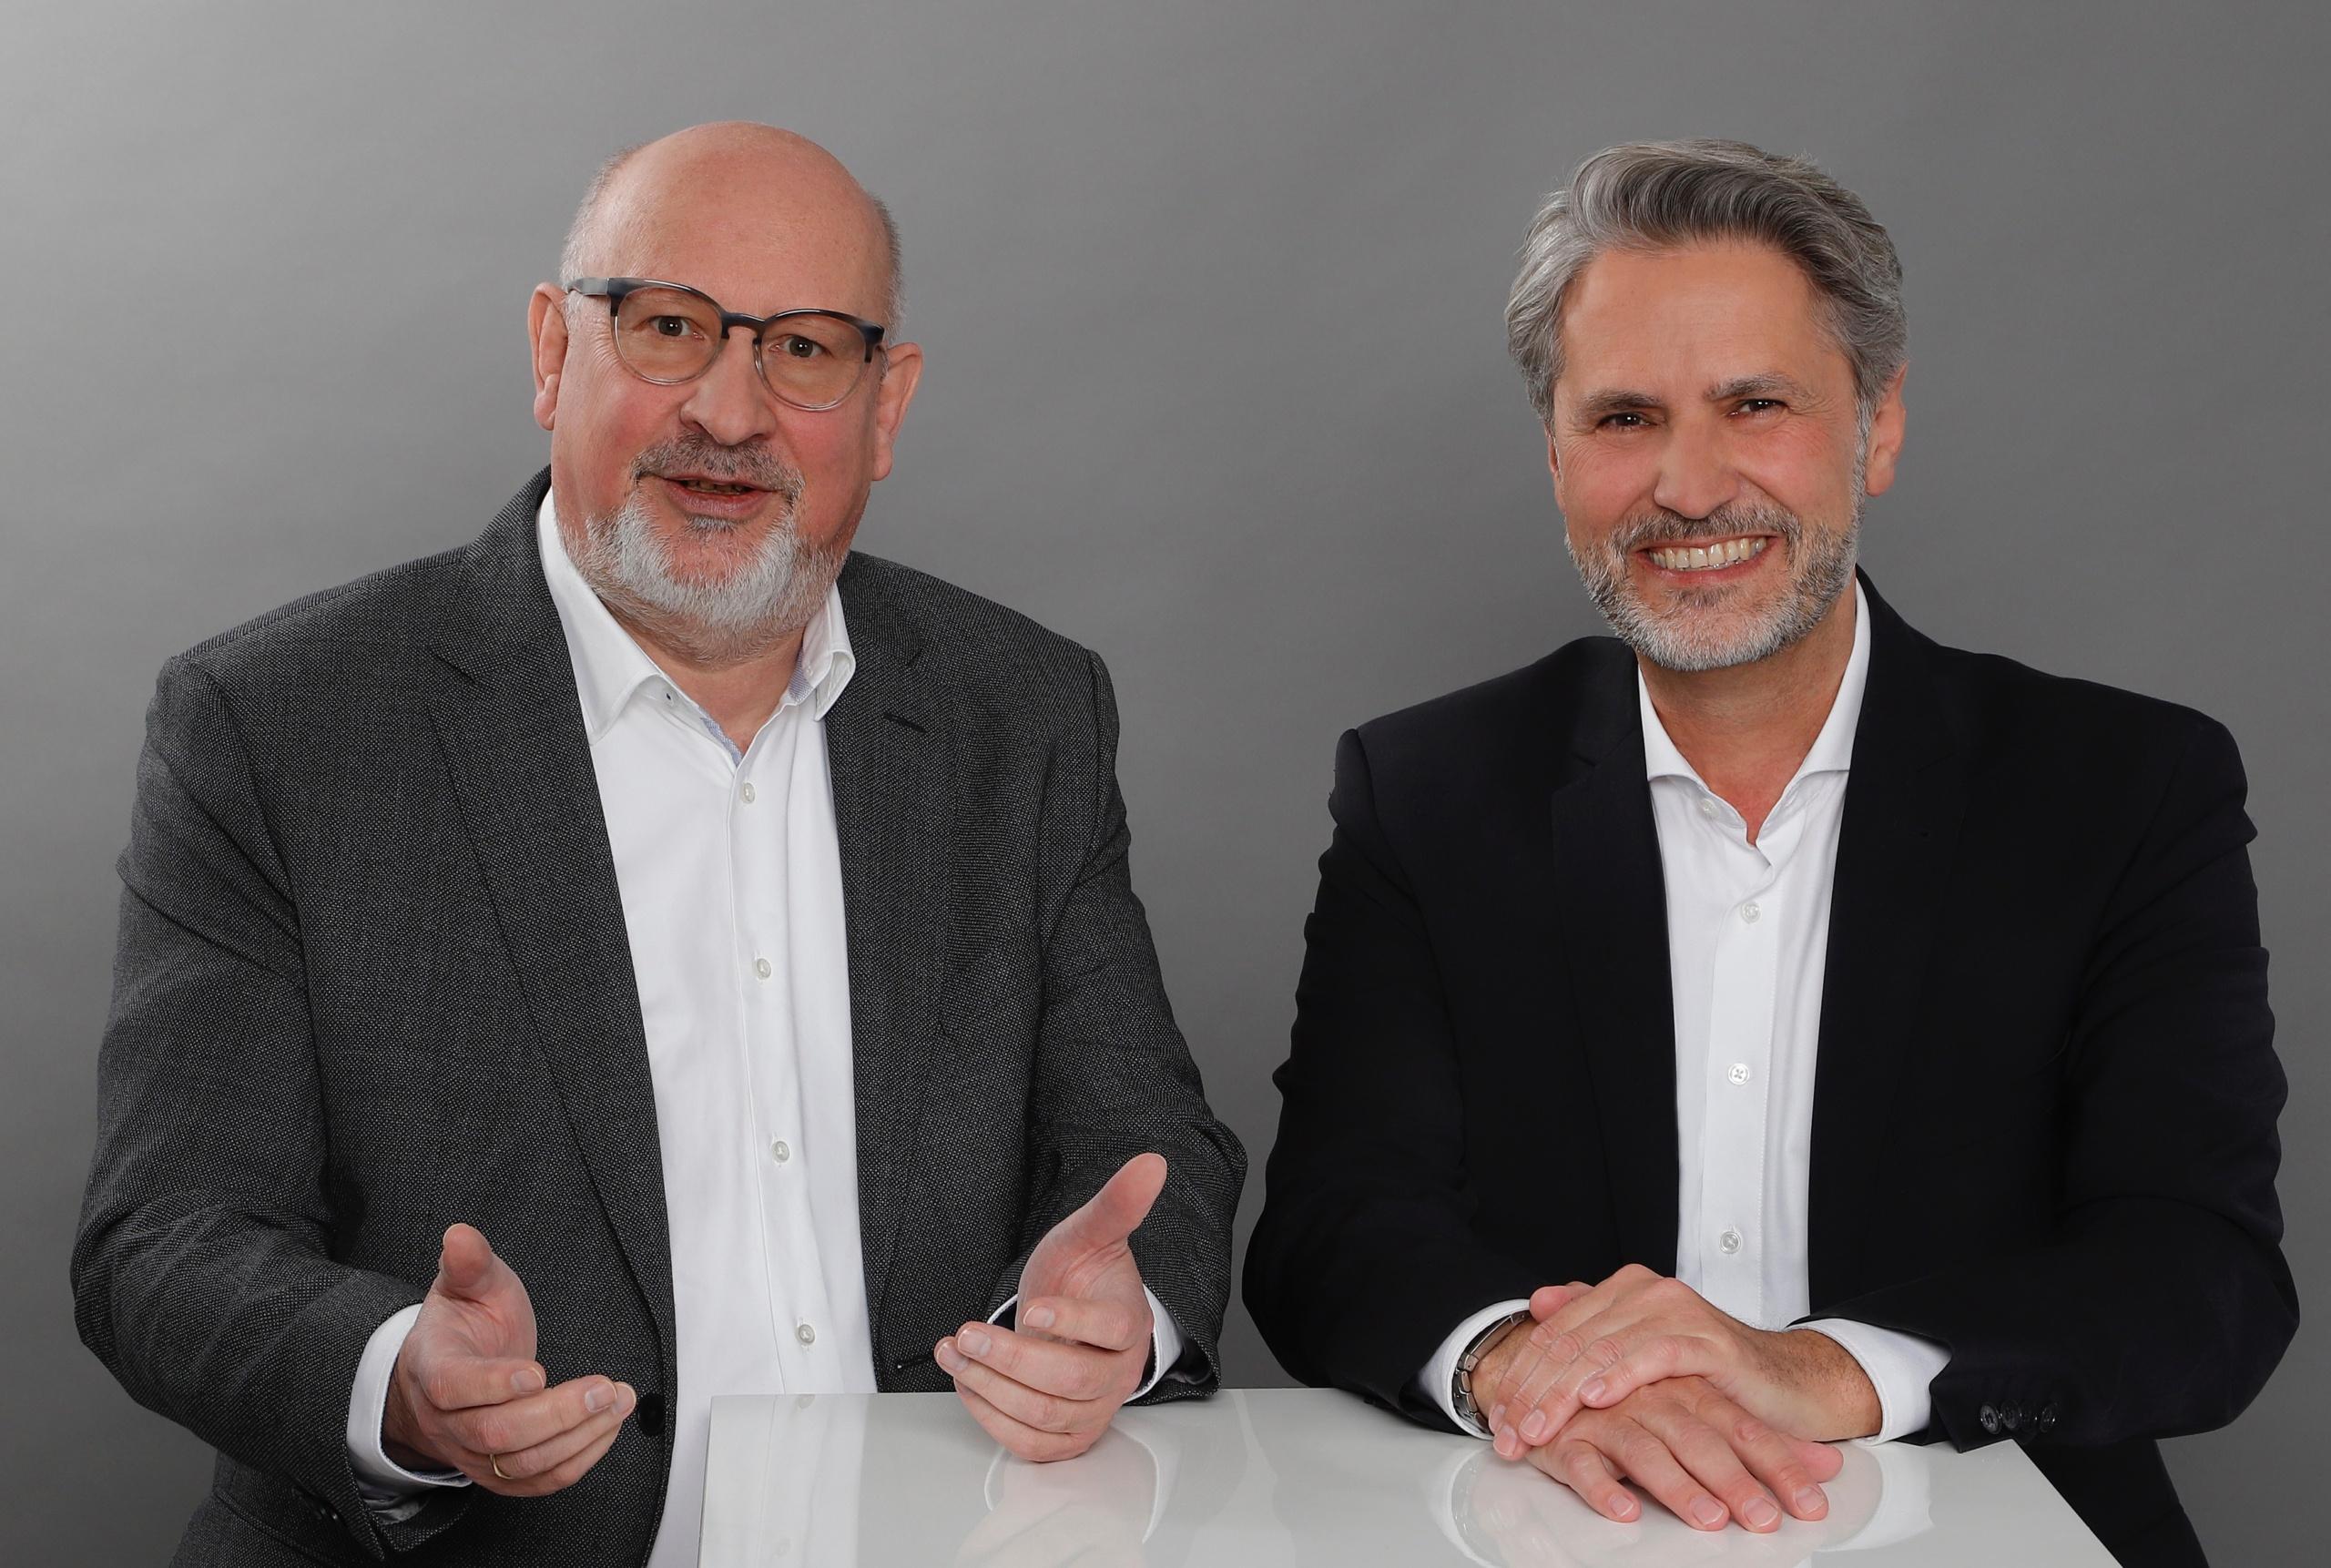 Vorstand der EL-NET GROUP | Dr. Eckart Eller und Erich Wulff